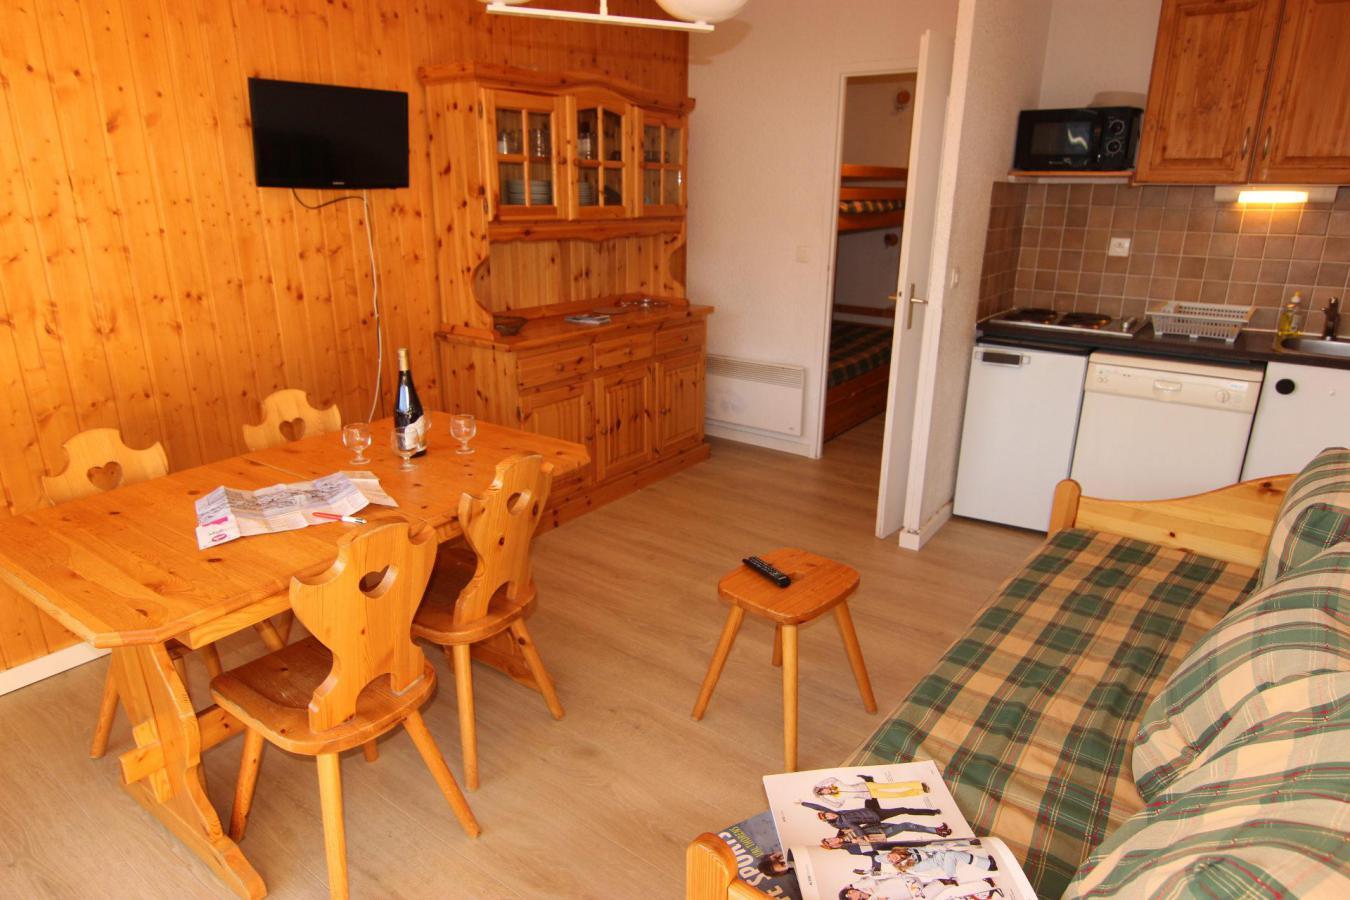 Location au ski Studio 4 personnes (110) - Residence Le Lac Du Lou - Val Thorens - Lits superposés